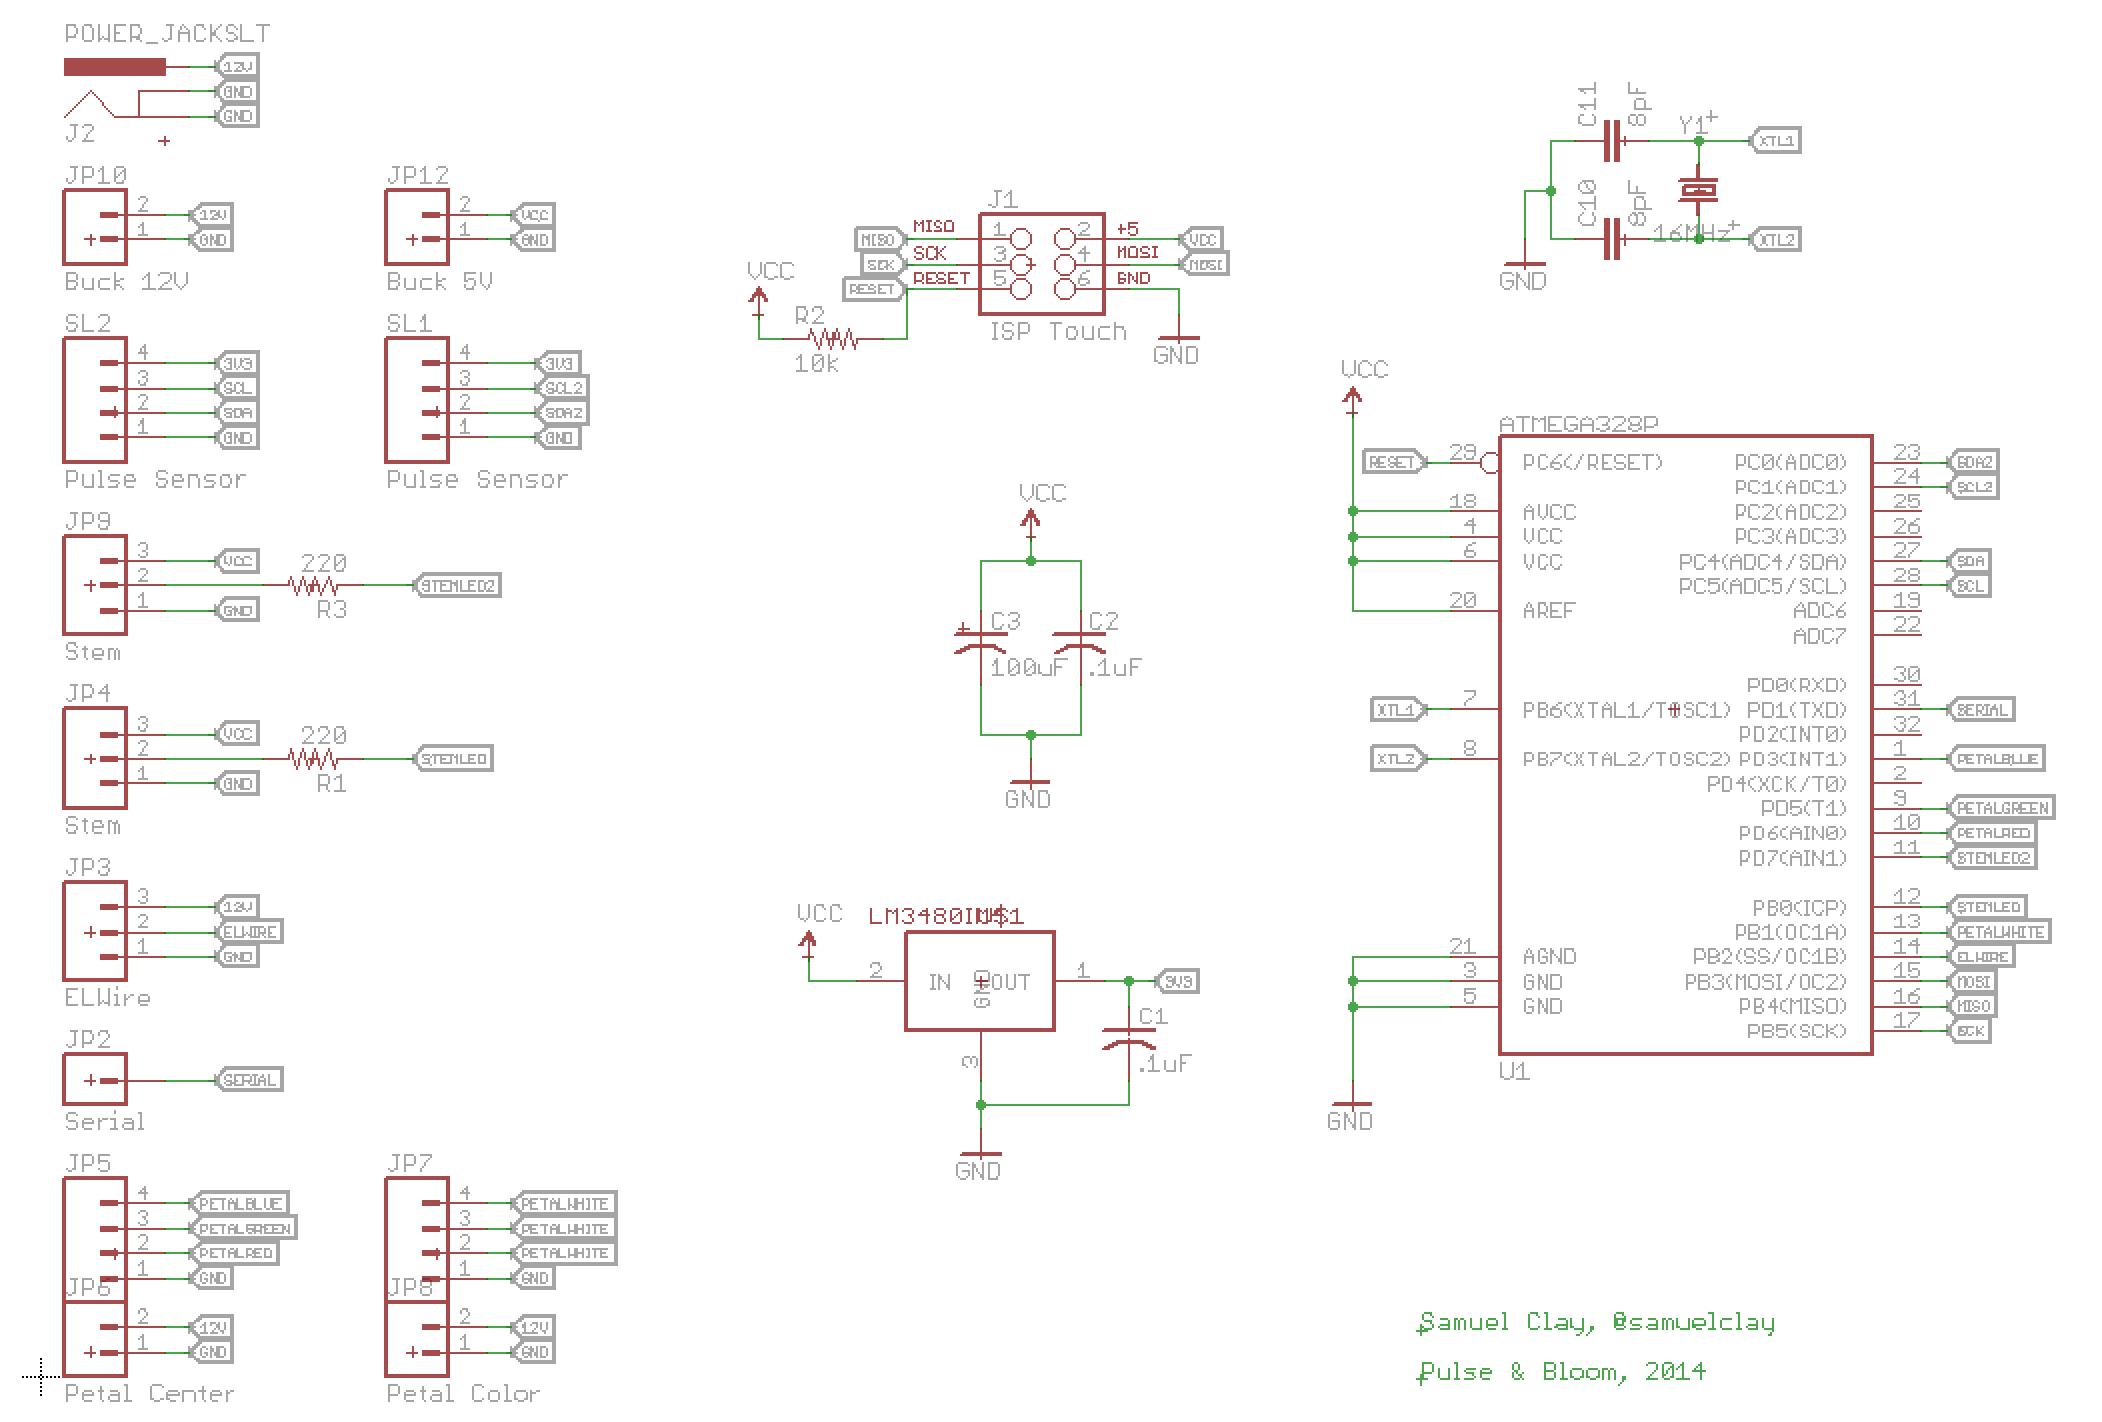 pulse 21 wiring diagram pulse 21 wiring diagram wiring building pulse bloom an interactive biofeedback installation pulse 21 wiring diagram